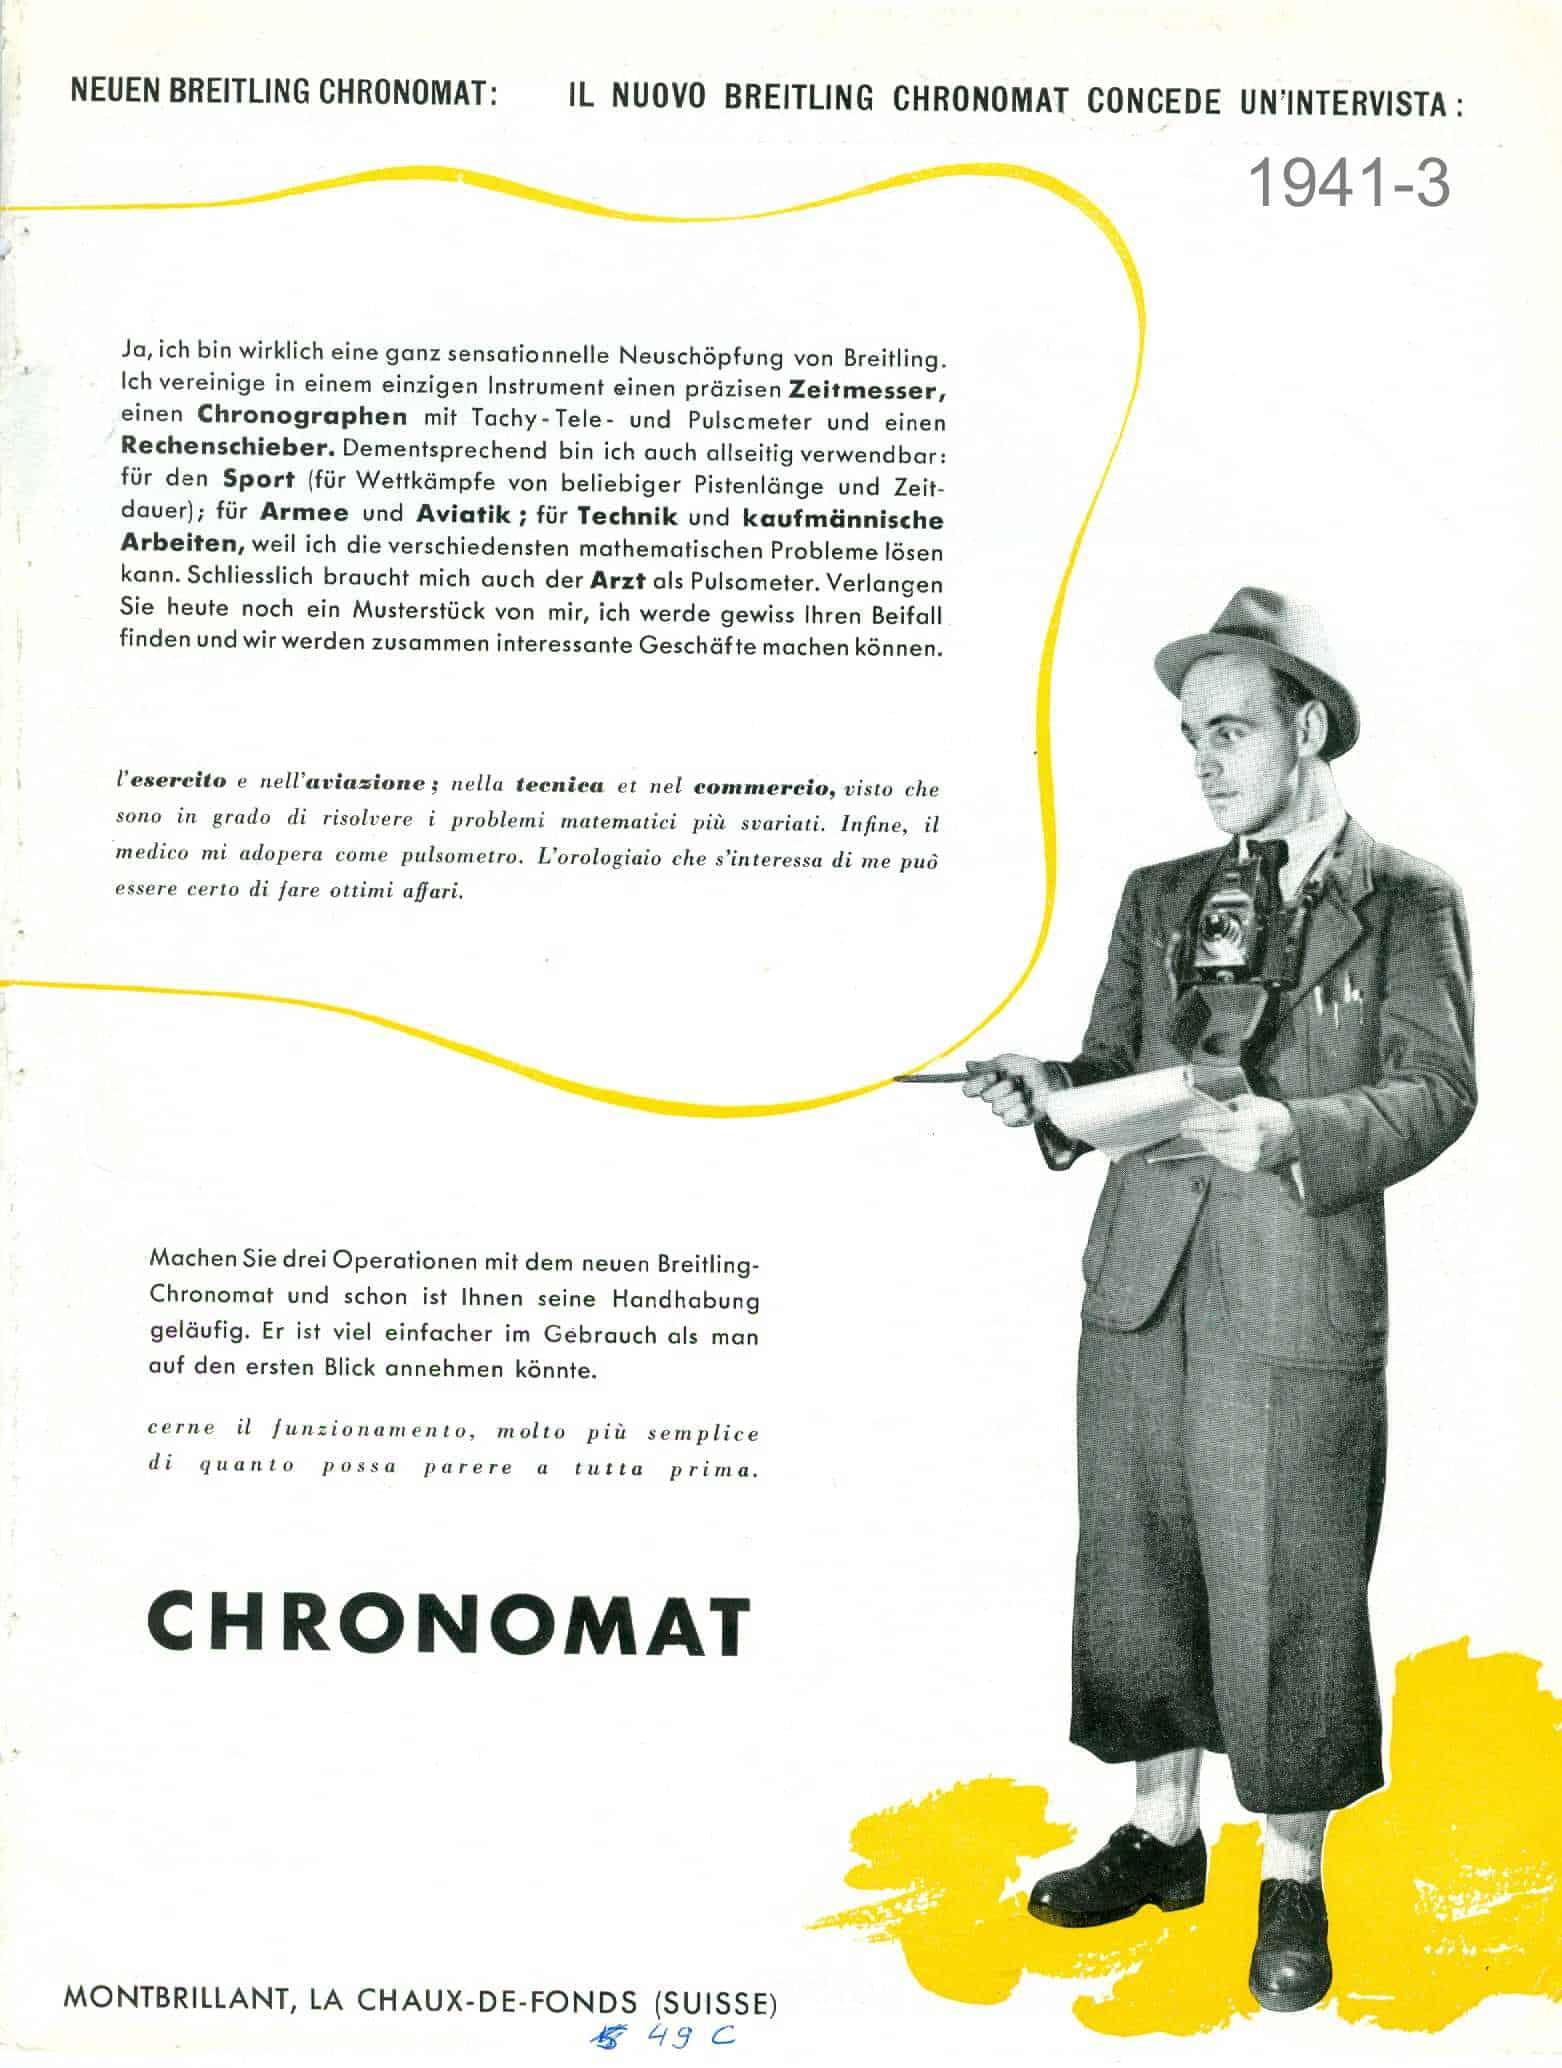 Chronograph und Mathematik sind die zentralen Fähigkeiten des neuen Chronographen